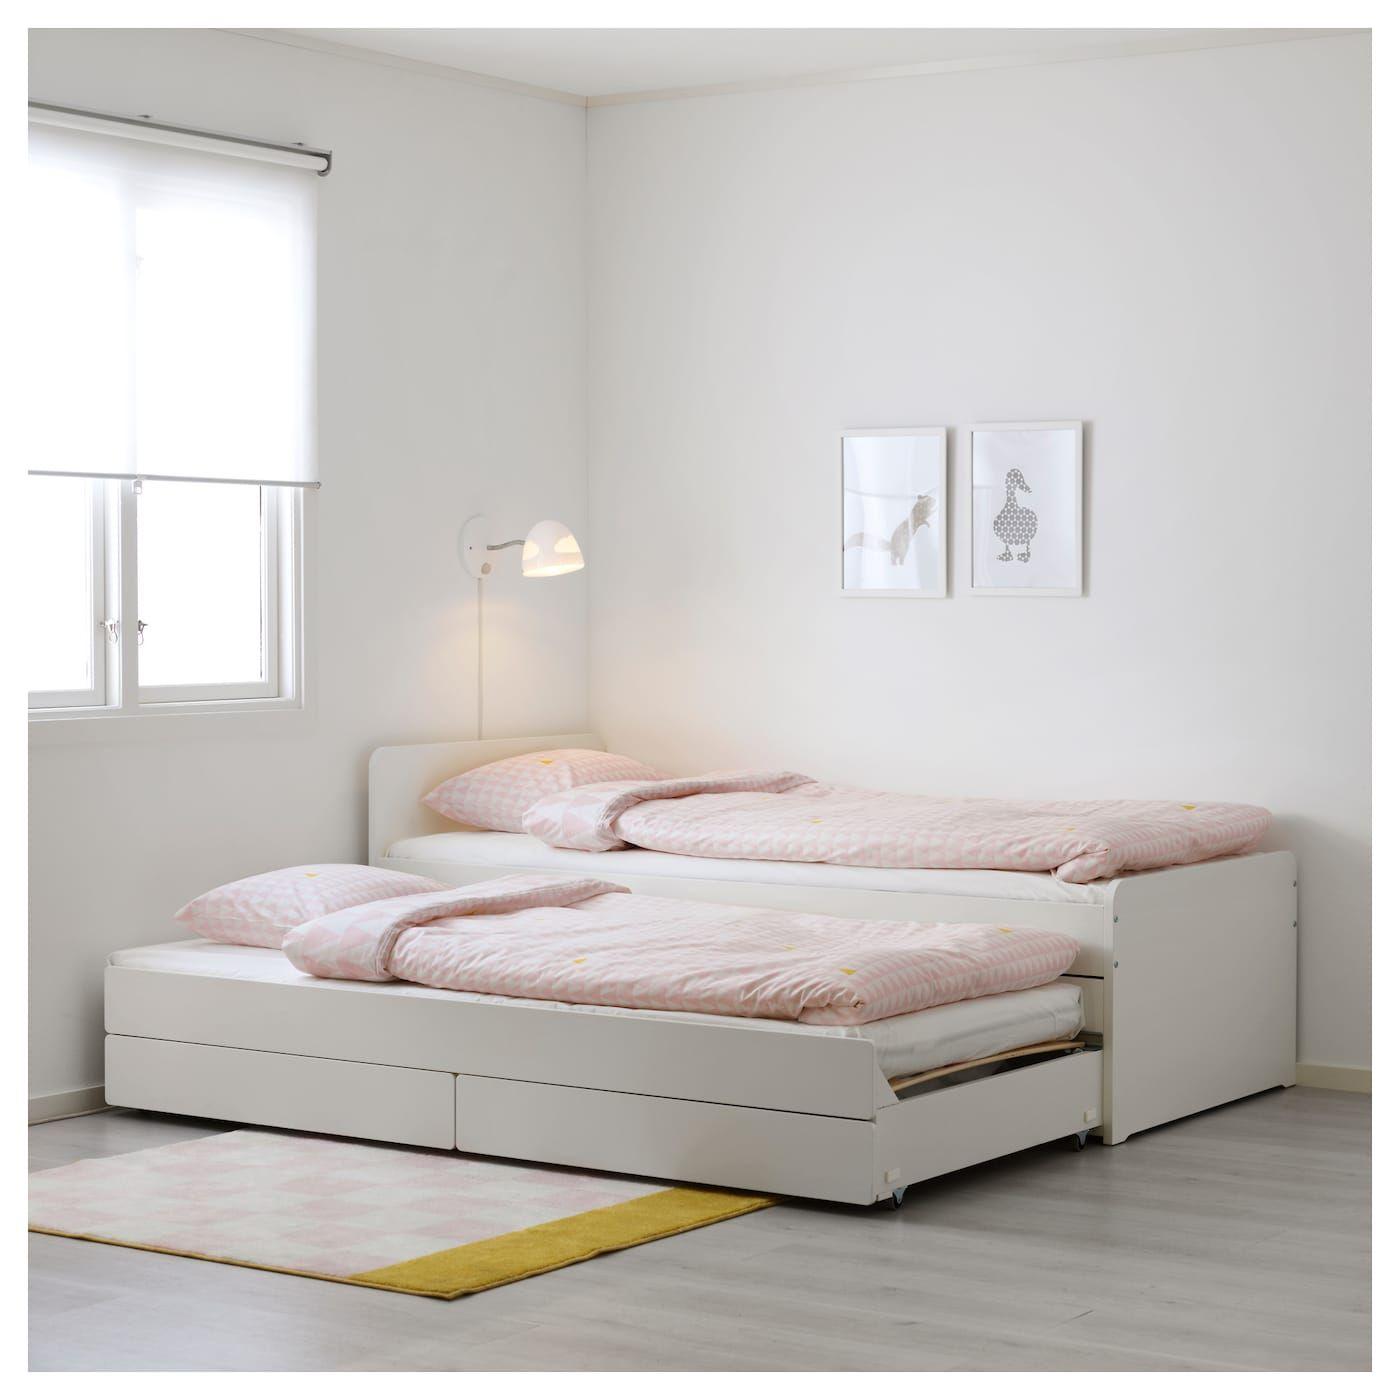 Divano Letto Con Contenitore Ikea.Slakt Letto Inferiore Con Contenitore Bianco Letto Contenitore